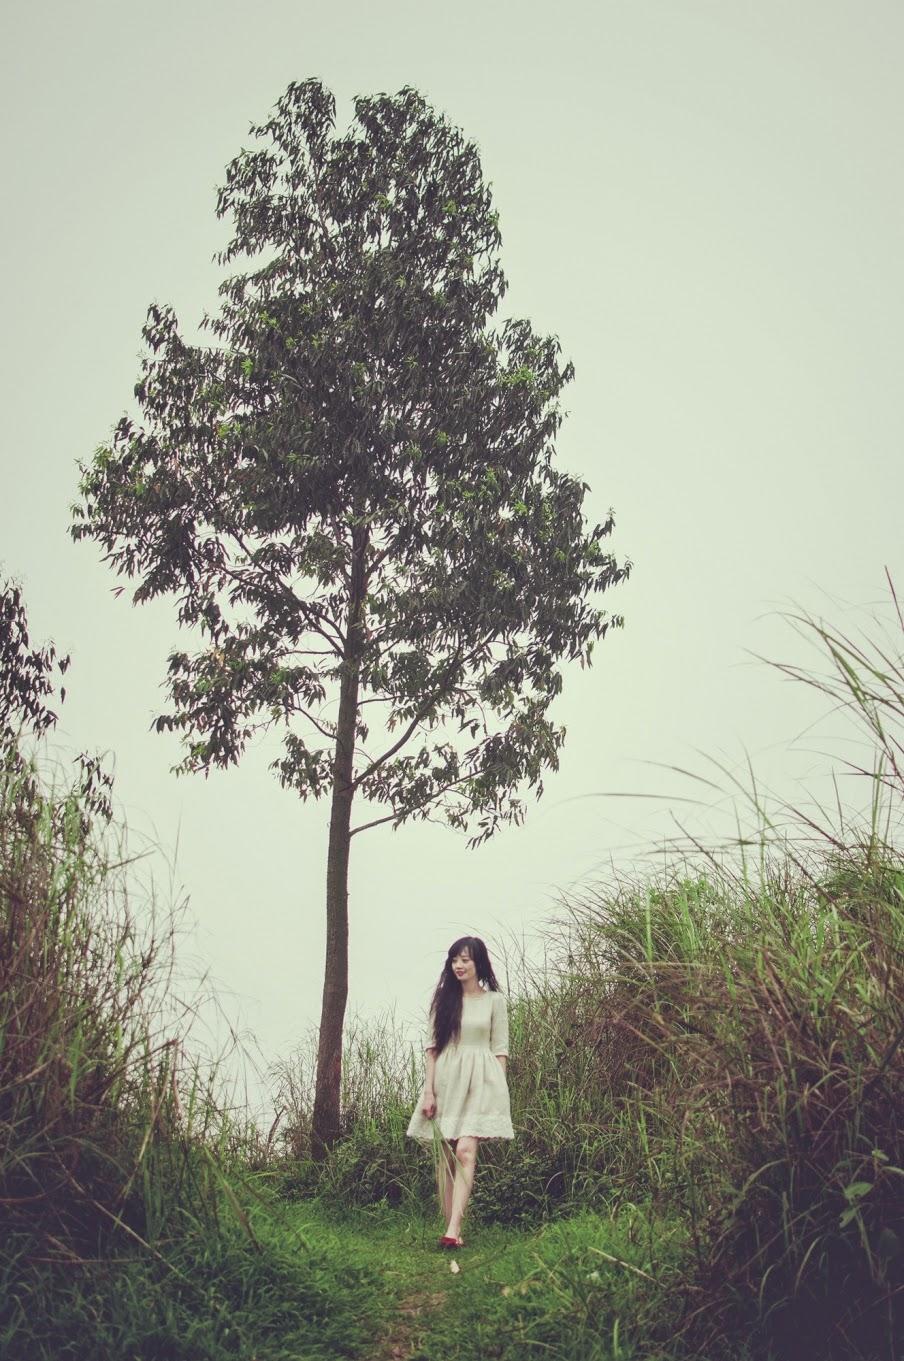 Người đẹp khoe dáng giữa rừng hoang